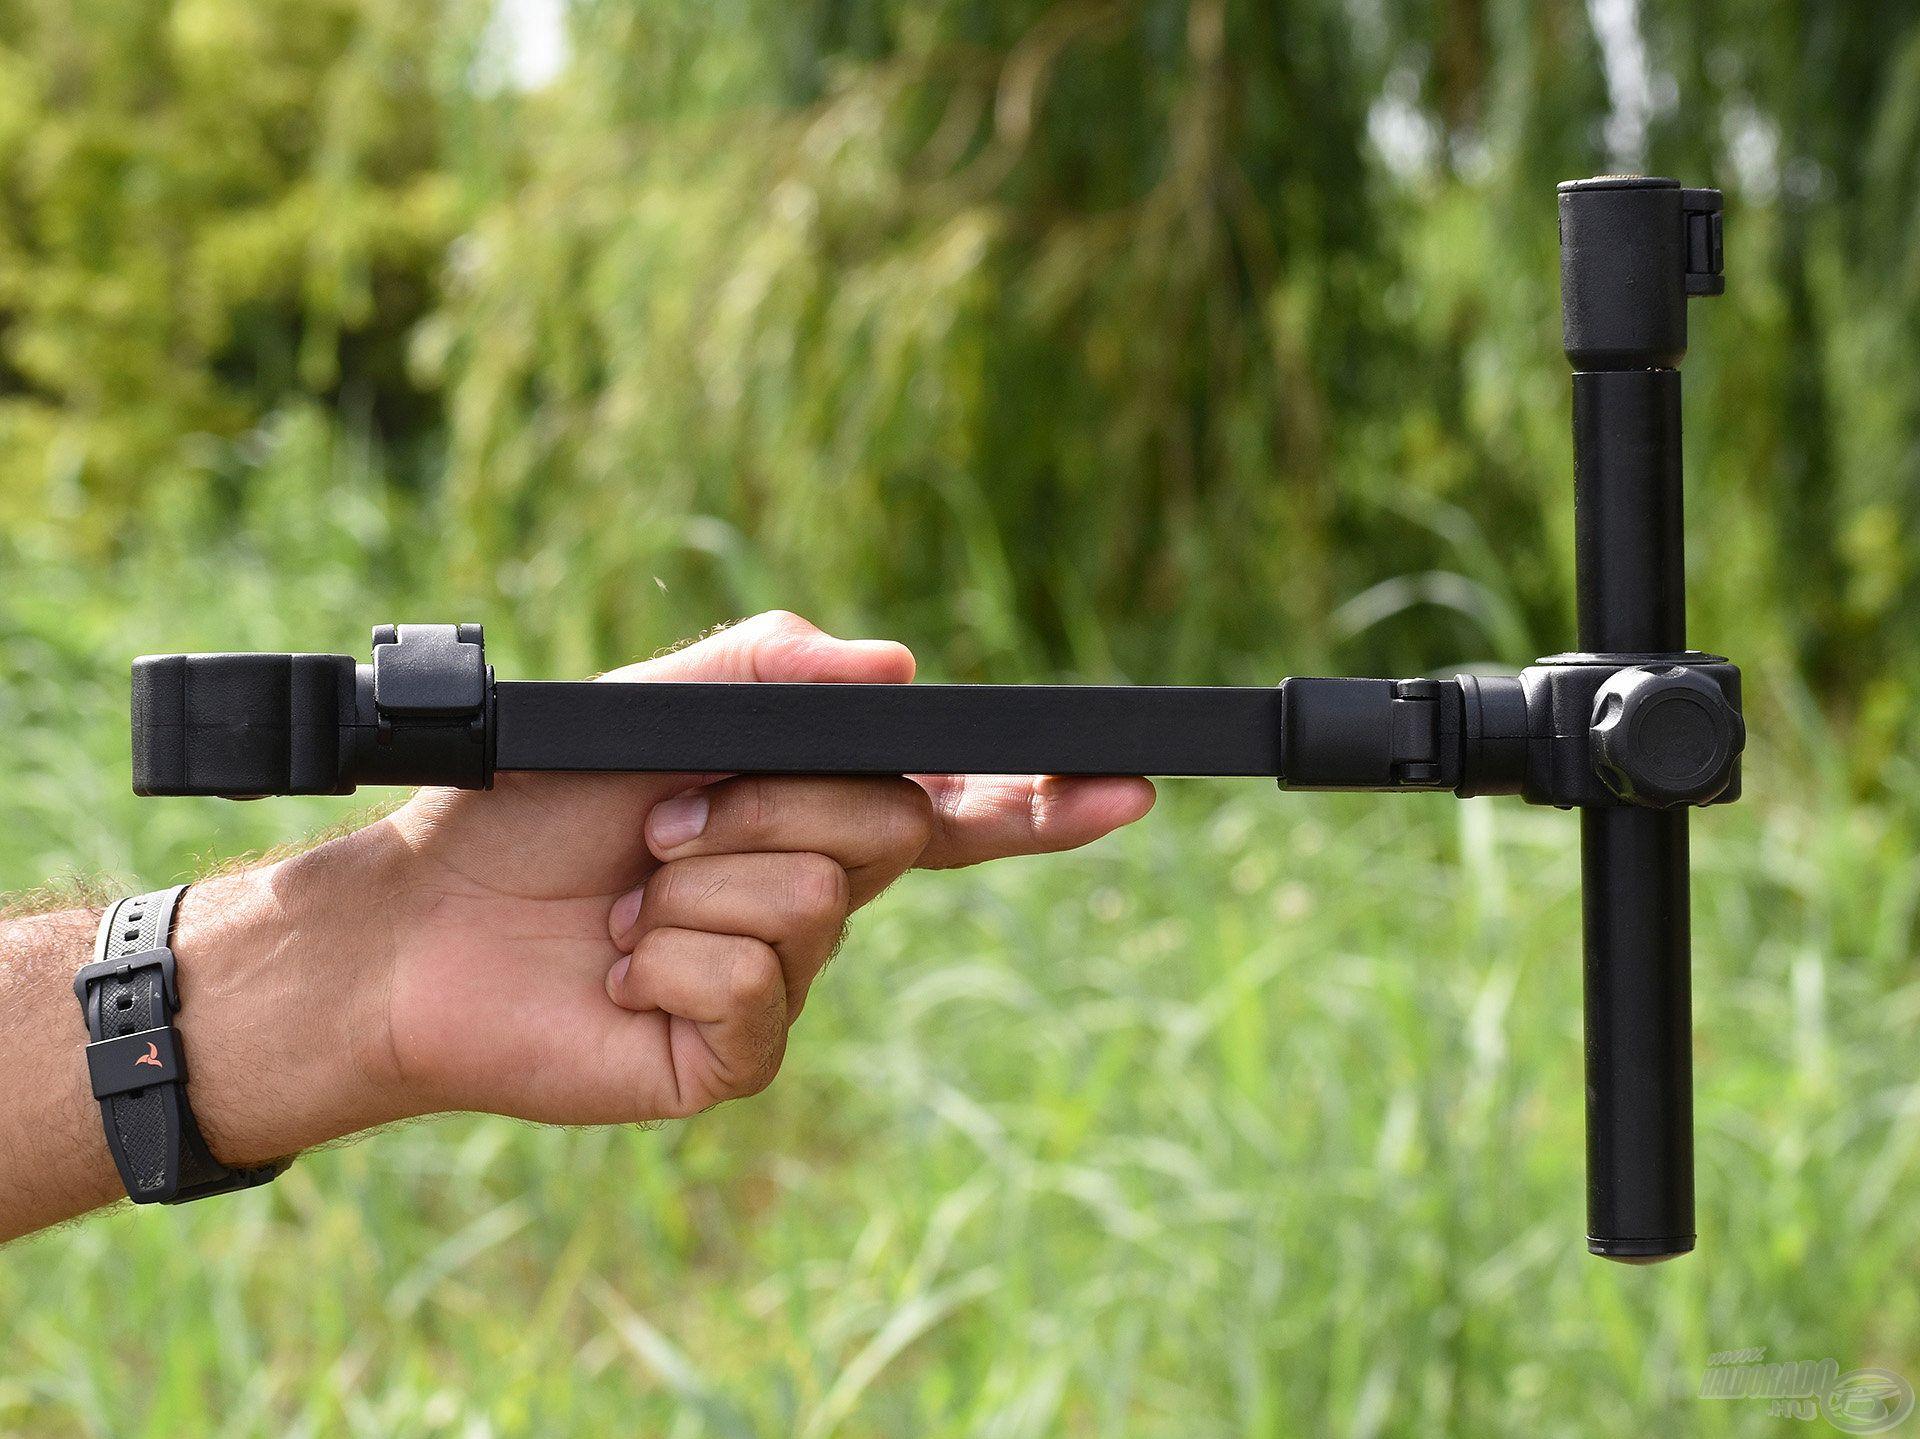 A QR Extension Tele Arm egy állítható hátsó bottartó adapter, amelynek nemcsak a hossza, de a magassága is növelhető